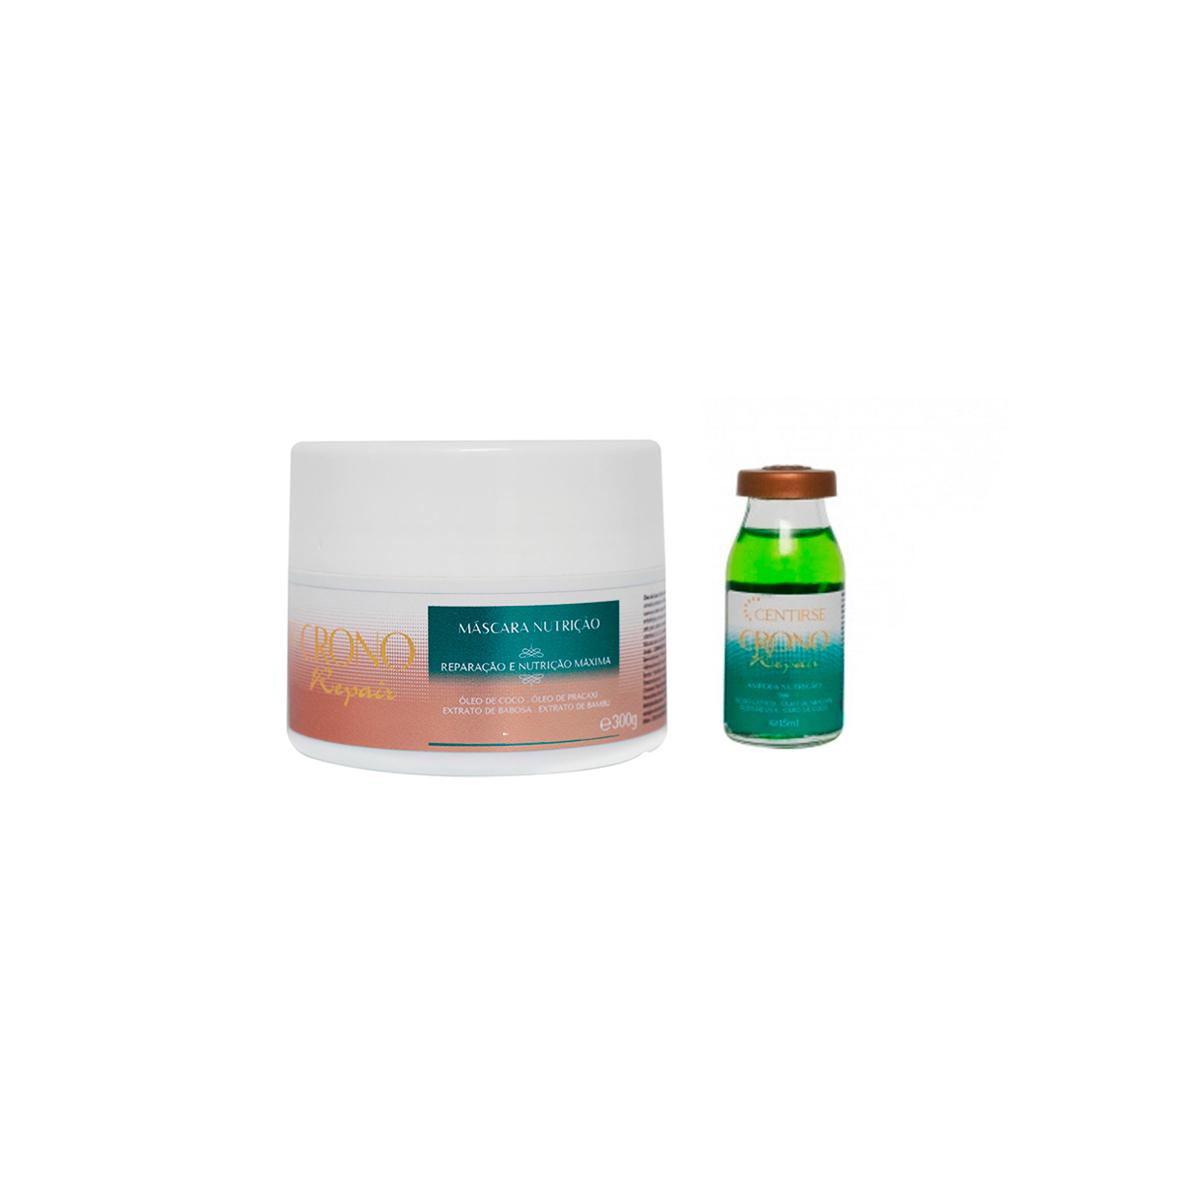 Kit de Nutrição Capilar Mascara Nutritiva + Ampola de Nutrição Crono Repair Centirse para Cabelos Secos e Ressecados